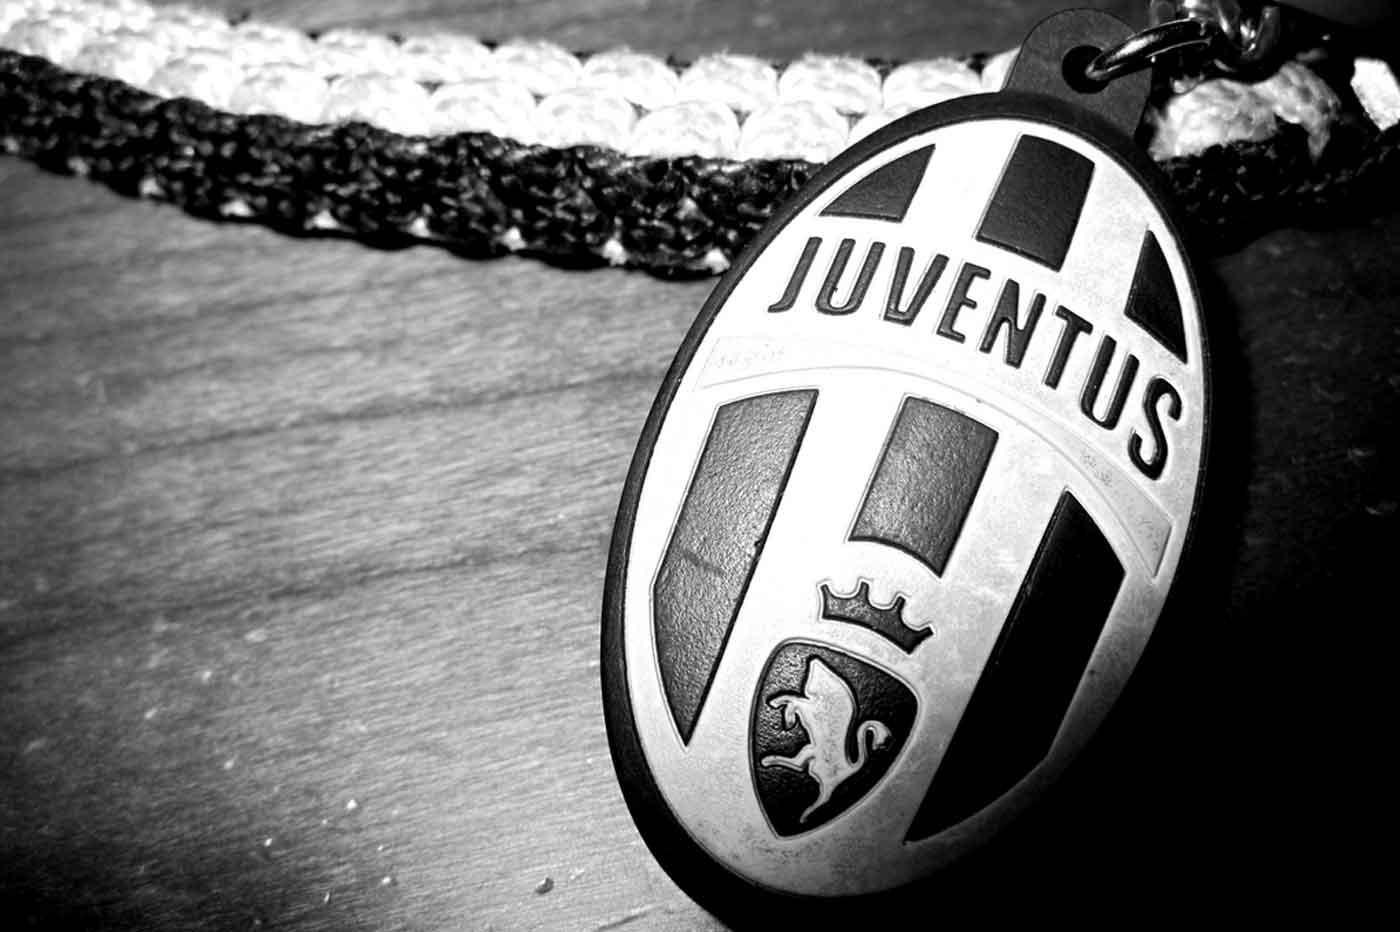 Après le PSG, la Juventus dévoile sa propre crypto-monnaie